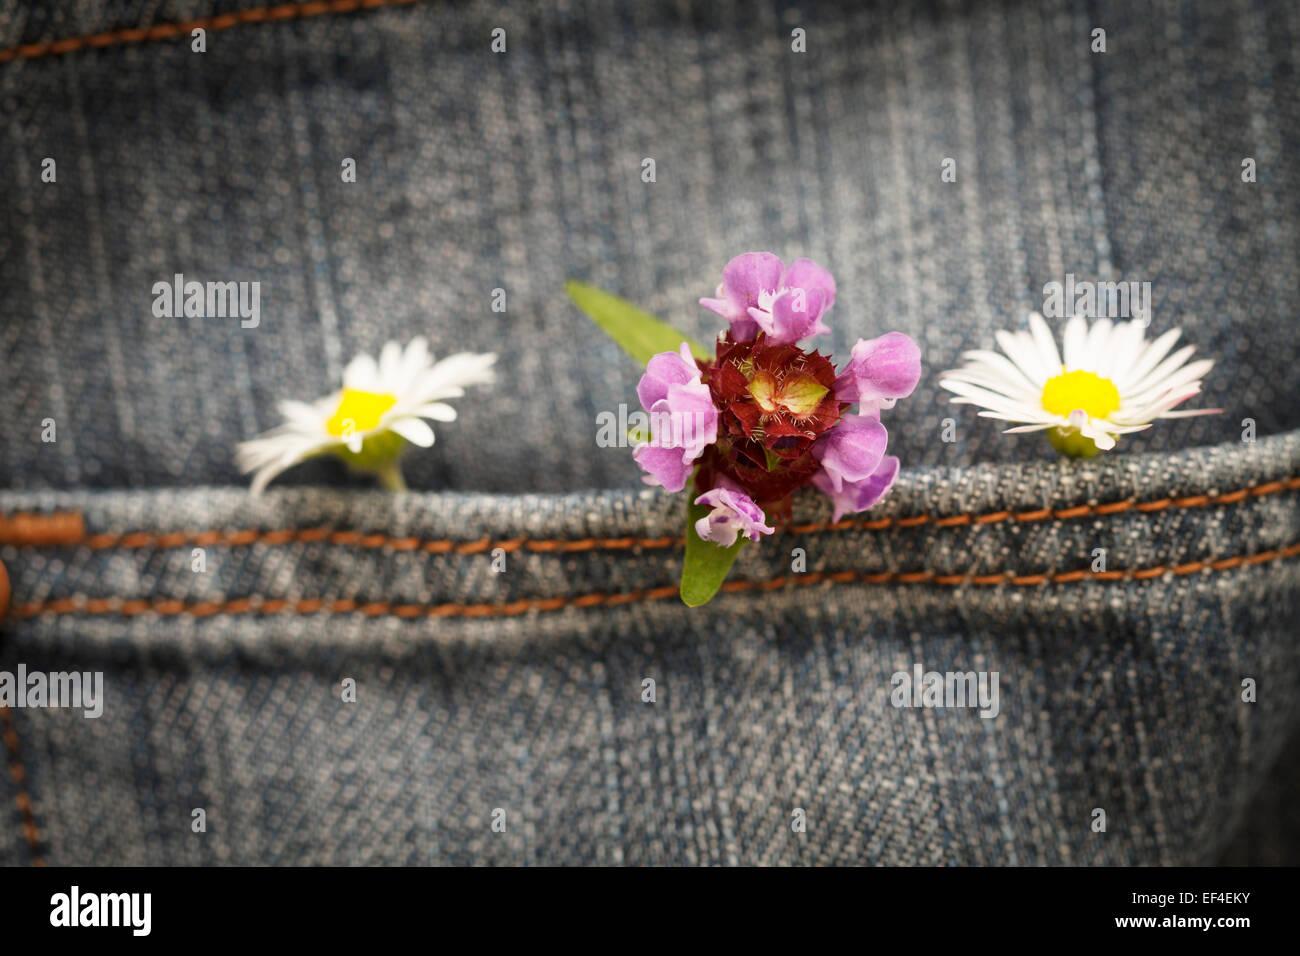 Concepto, flores en un bolsillo de Jean pantalones Imagen De Stock